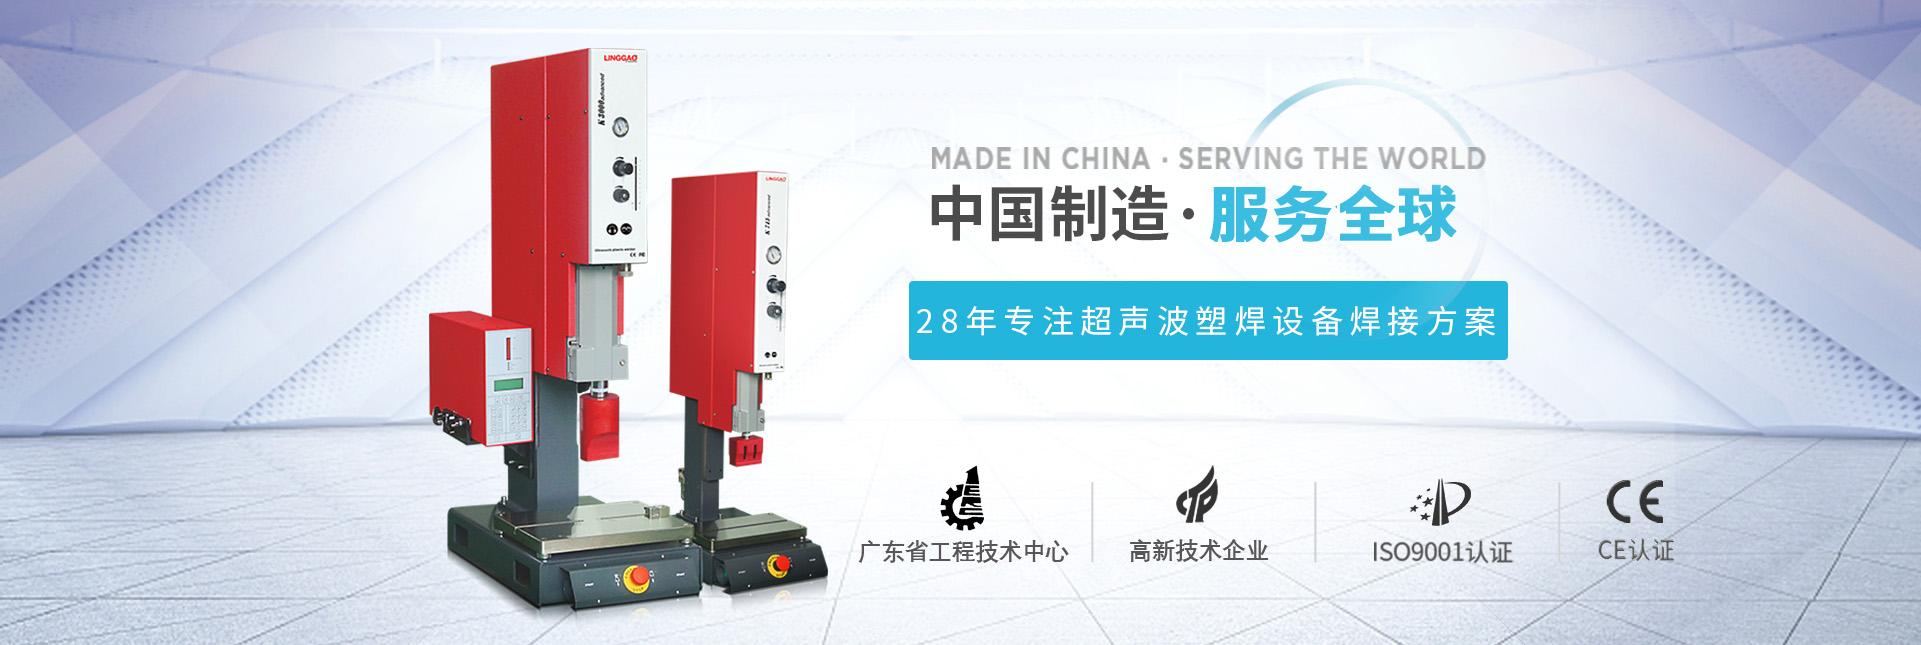 澳门所有赌钱网址-中国制造,服务全球,28年专注超声波塑焊设备定制方案